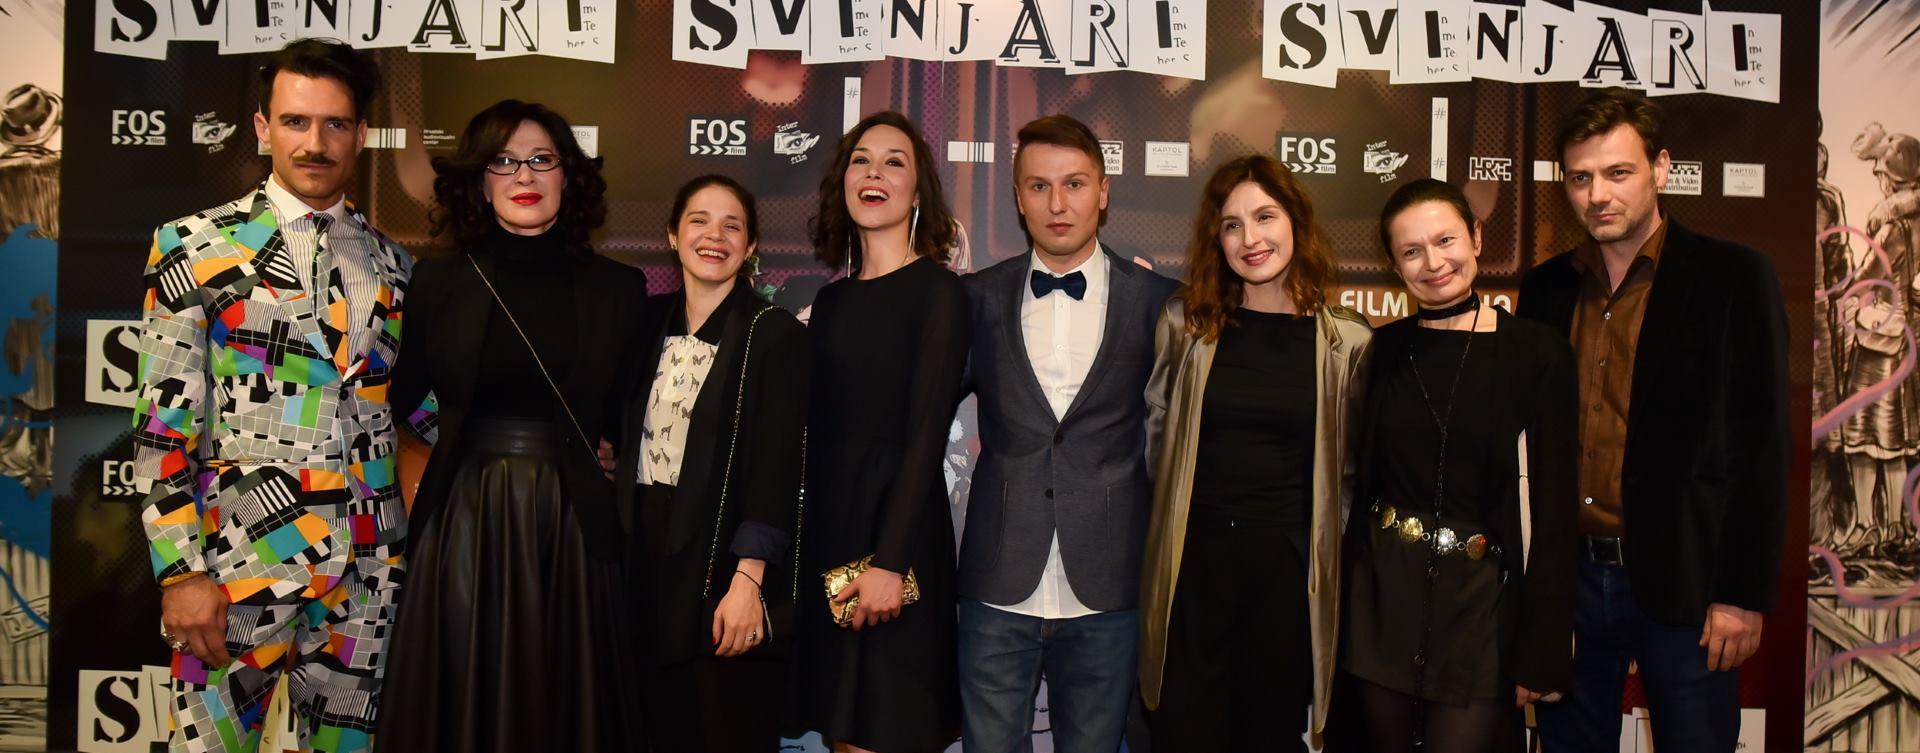 KAPTOL BOUTIQUE CINEMA Održana premijera kontroverznog filma 'Svinjari'